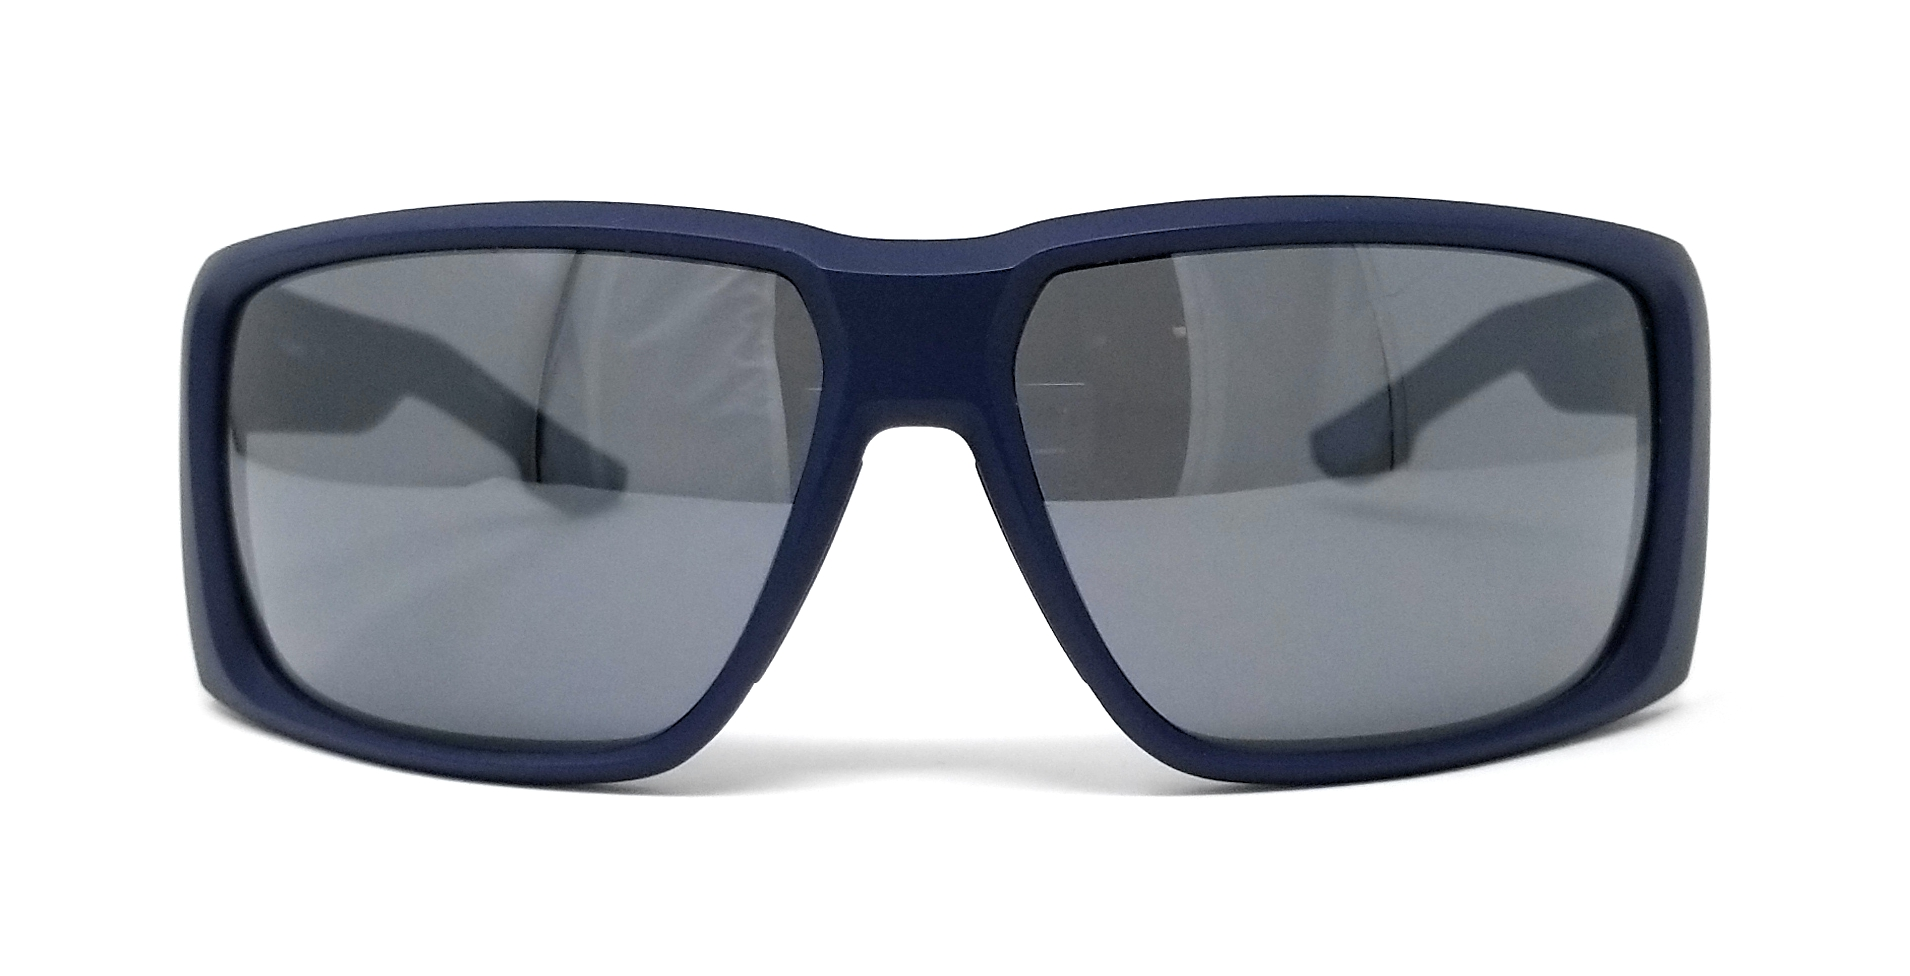 Sunglasses Columbia TITAN RIDGE 418 MATTE COLLEGIATE NAVY